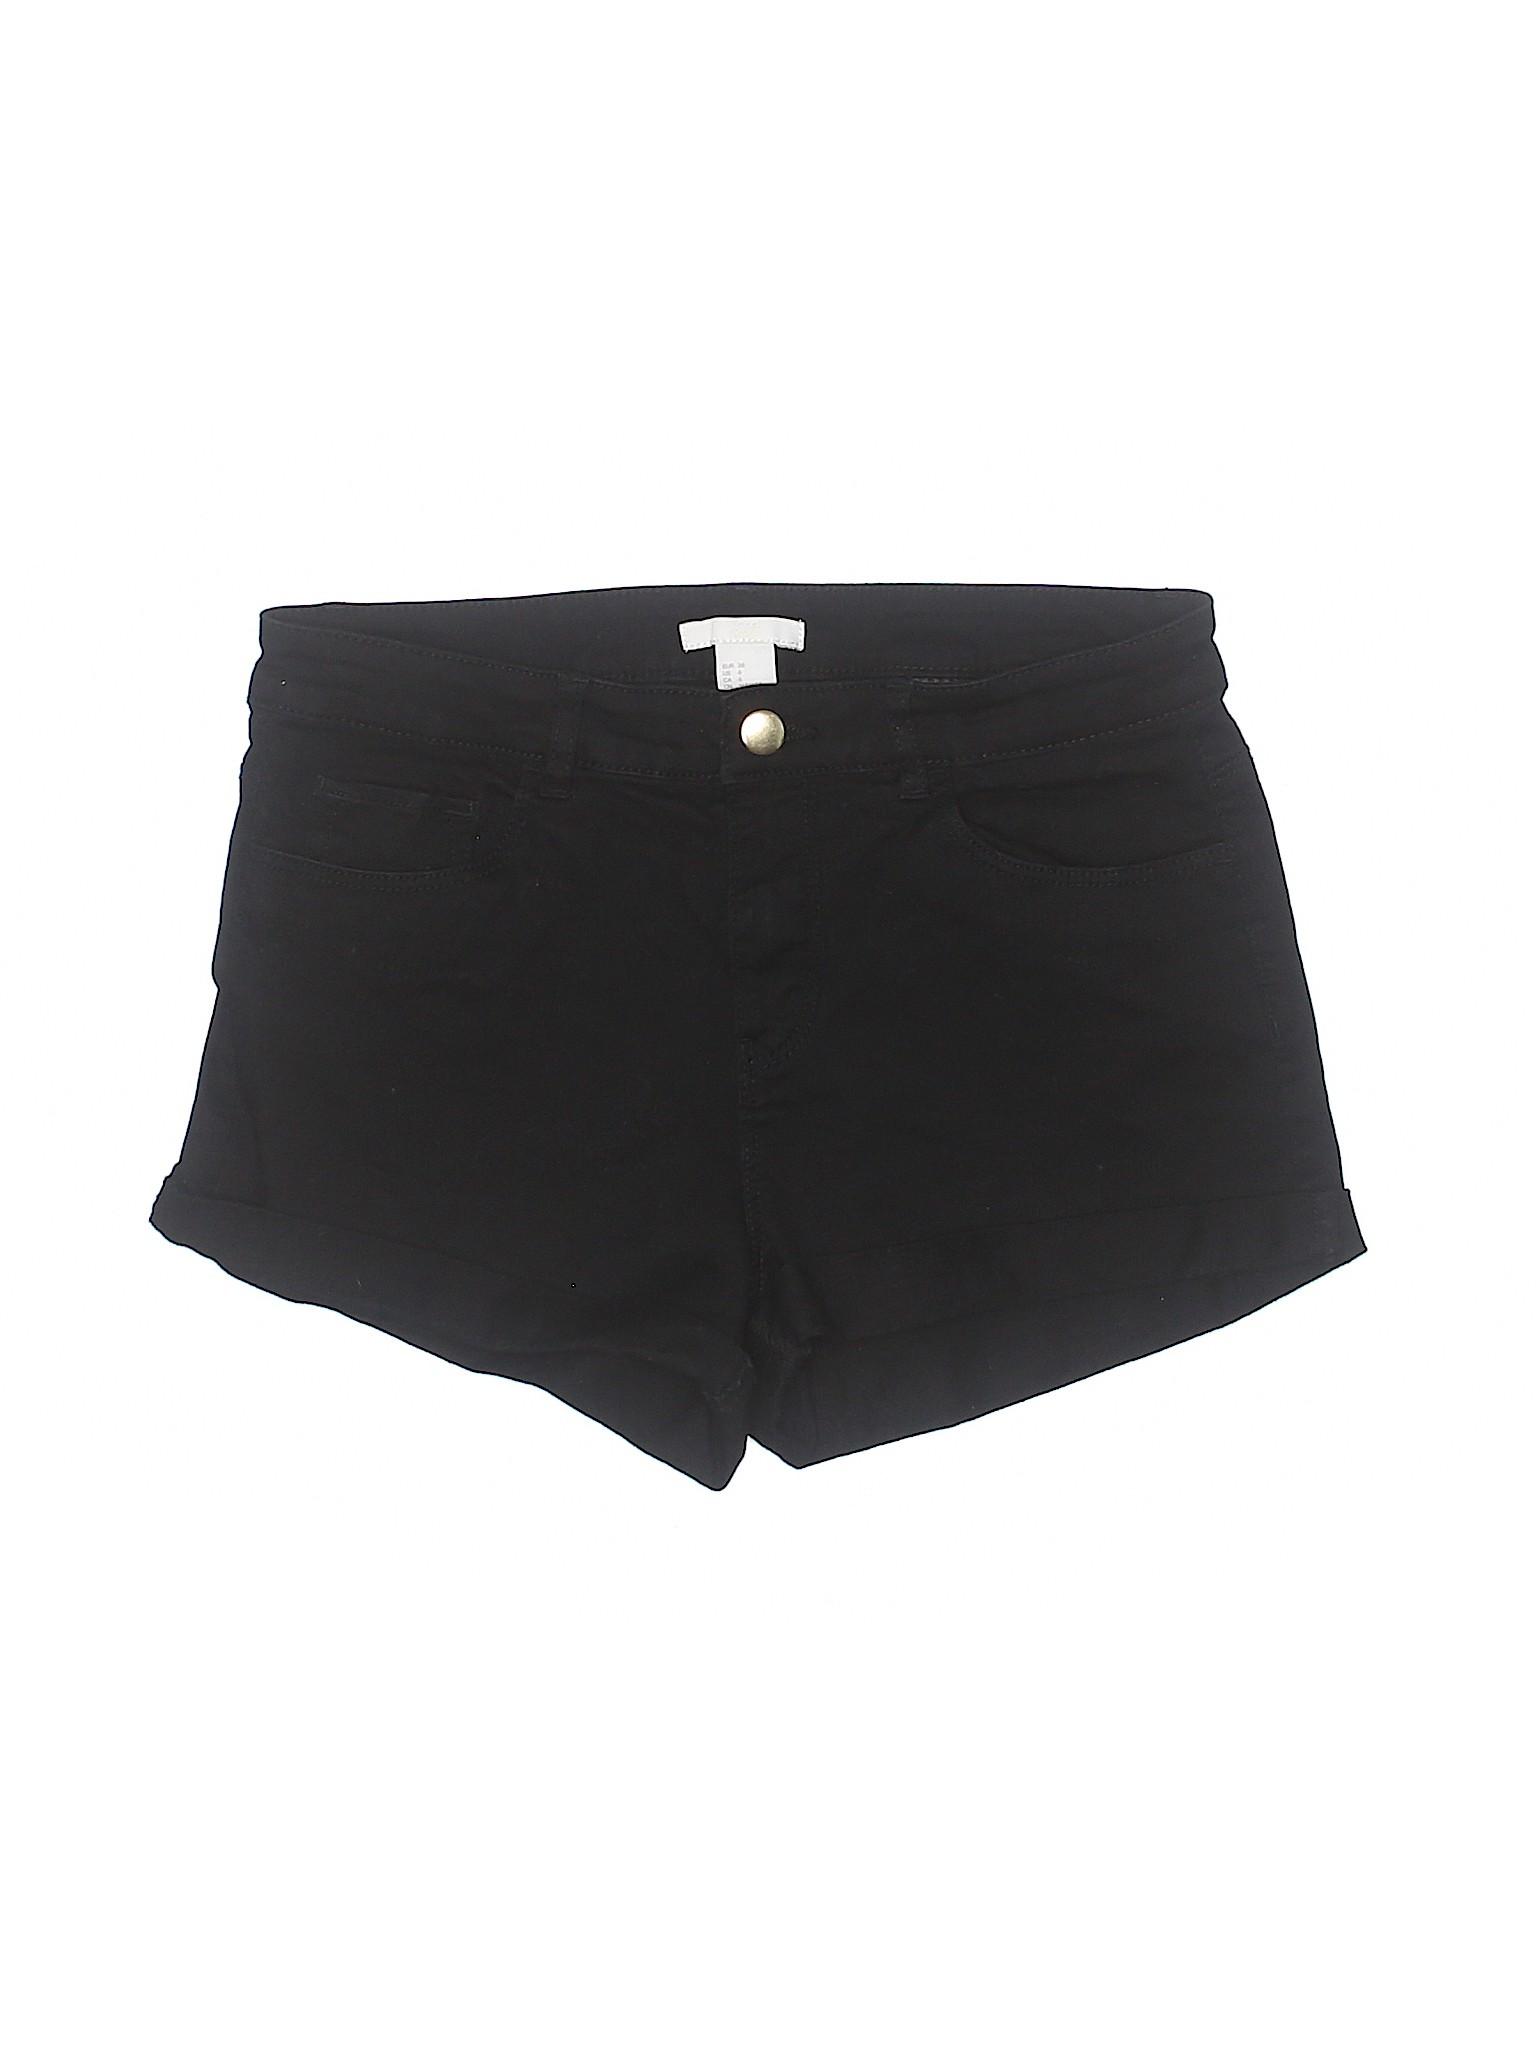 H amp;M Shorts H Shorts Denim Boutique Boutique Denim amp;M amp;M Boutique H Denim zvwqAF4